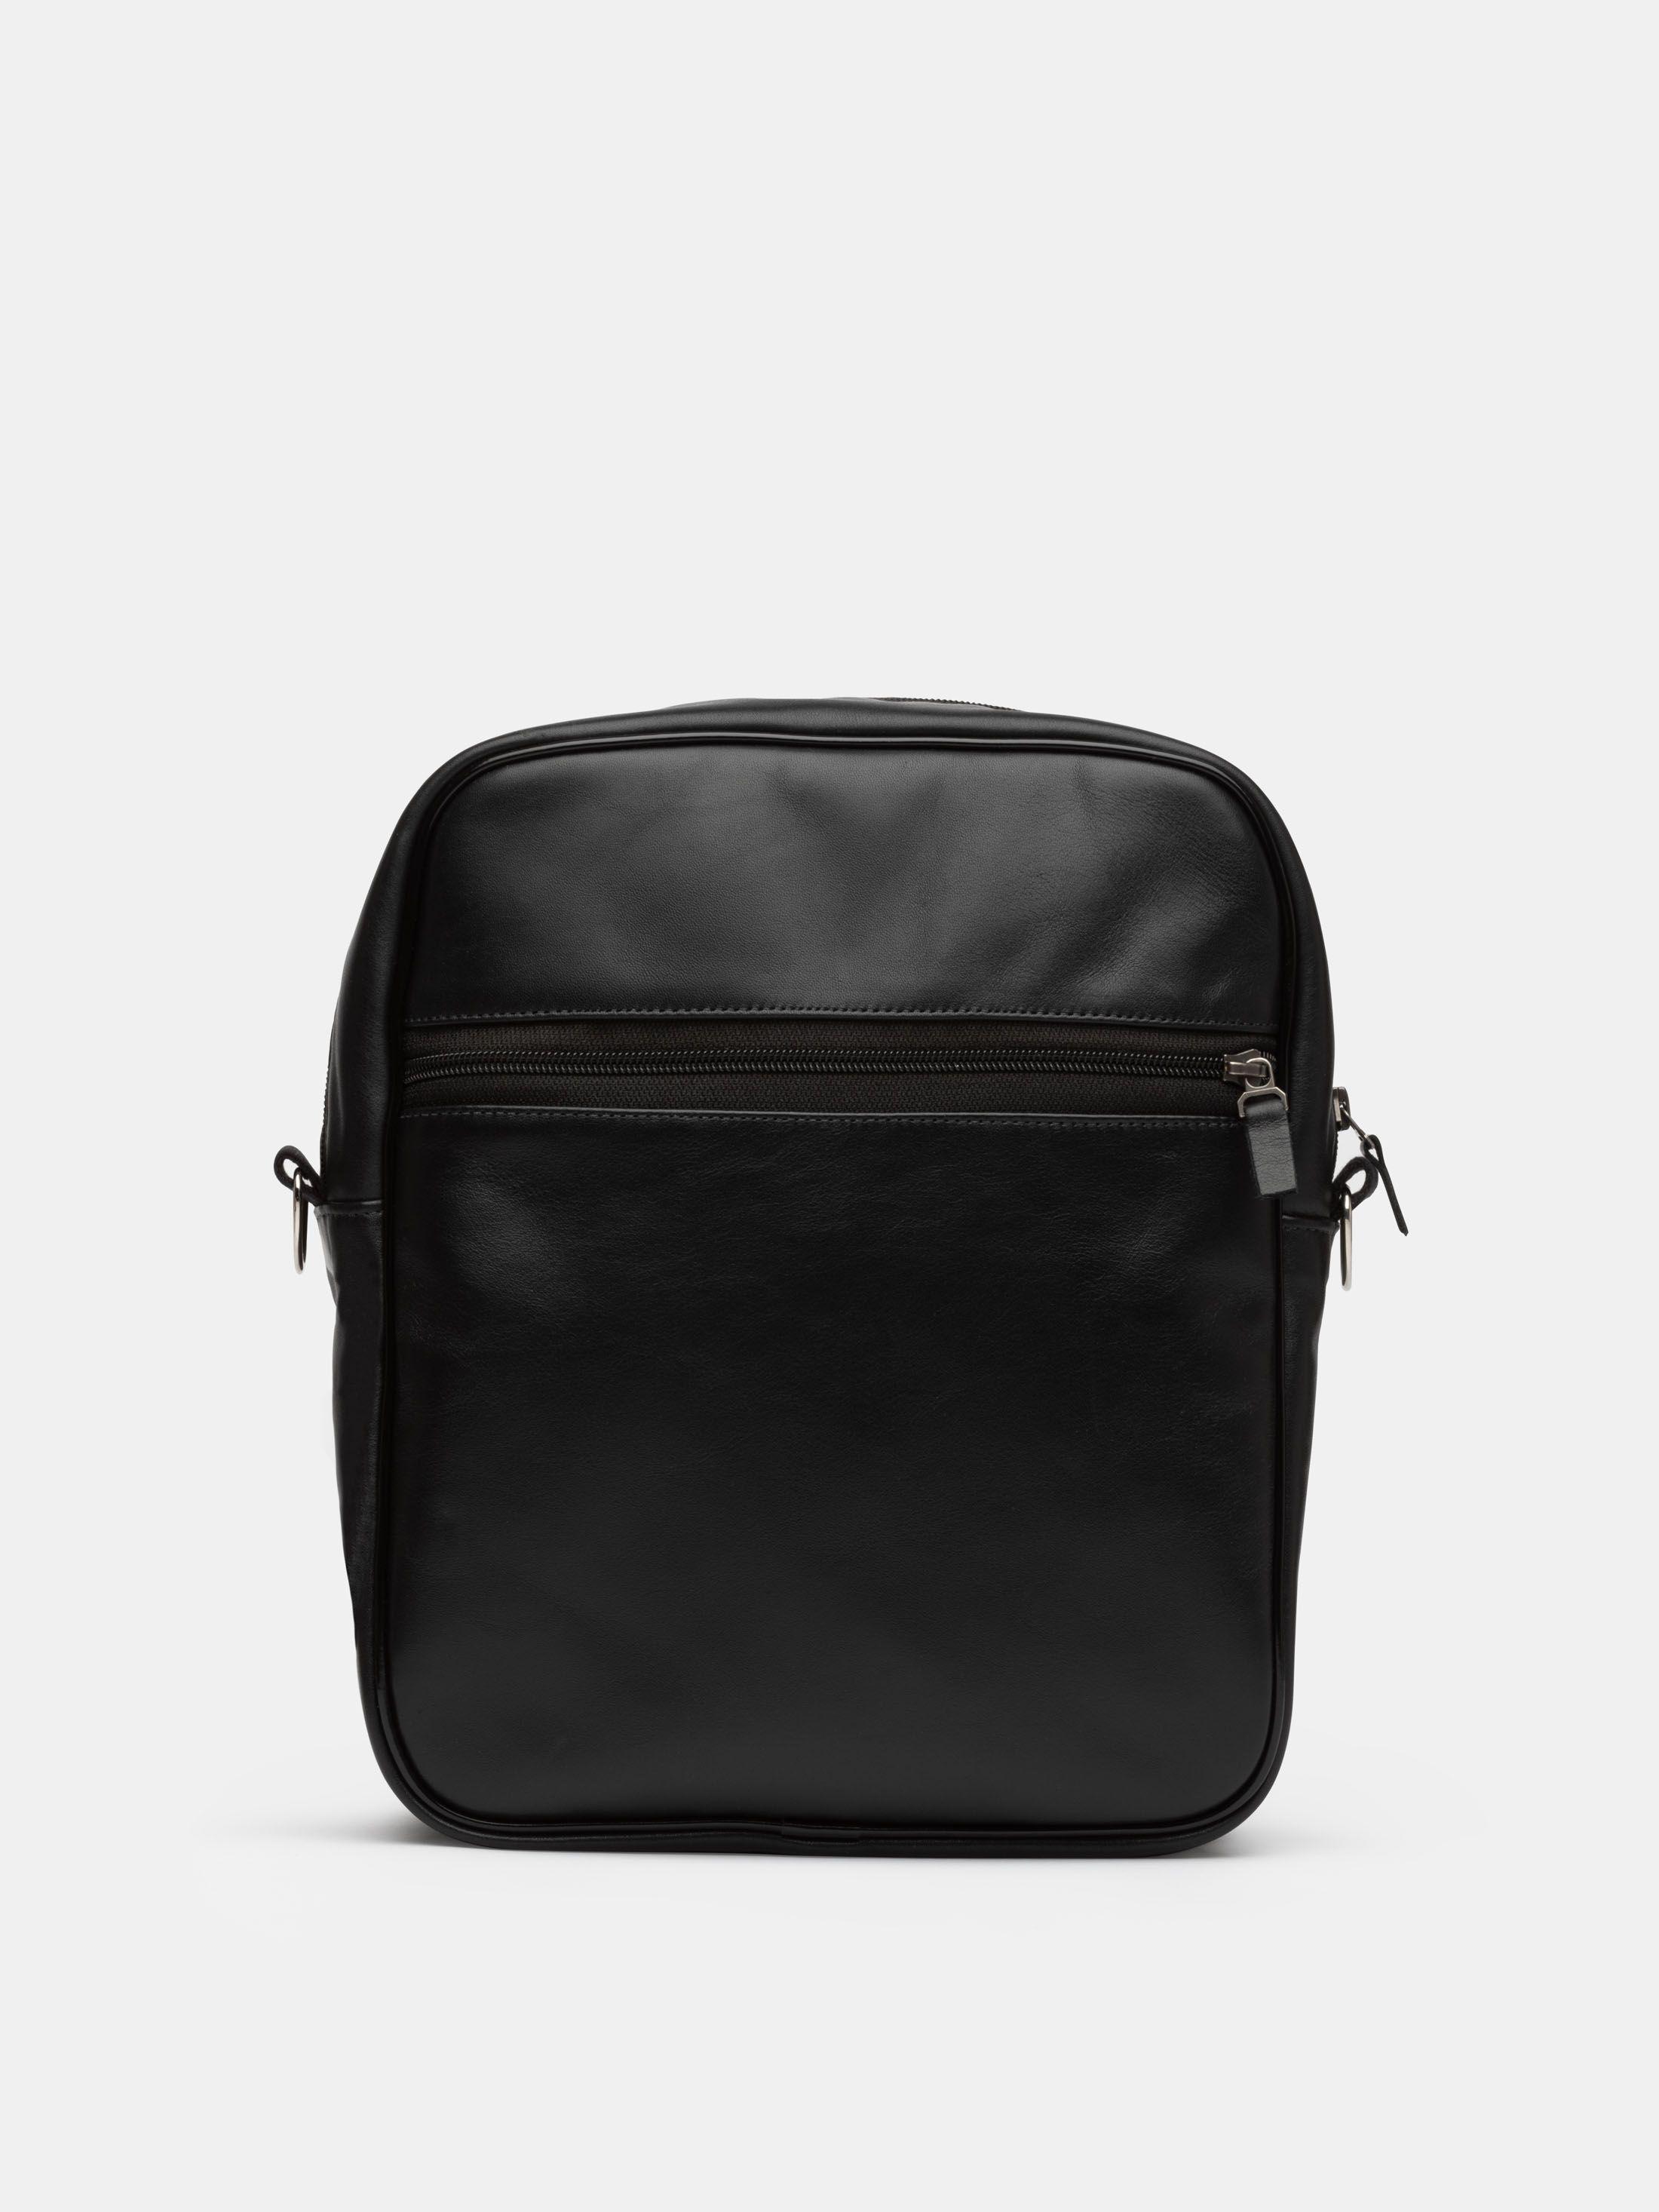 messenger bag details